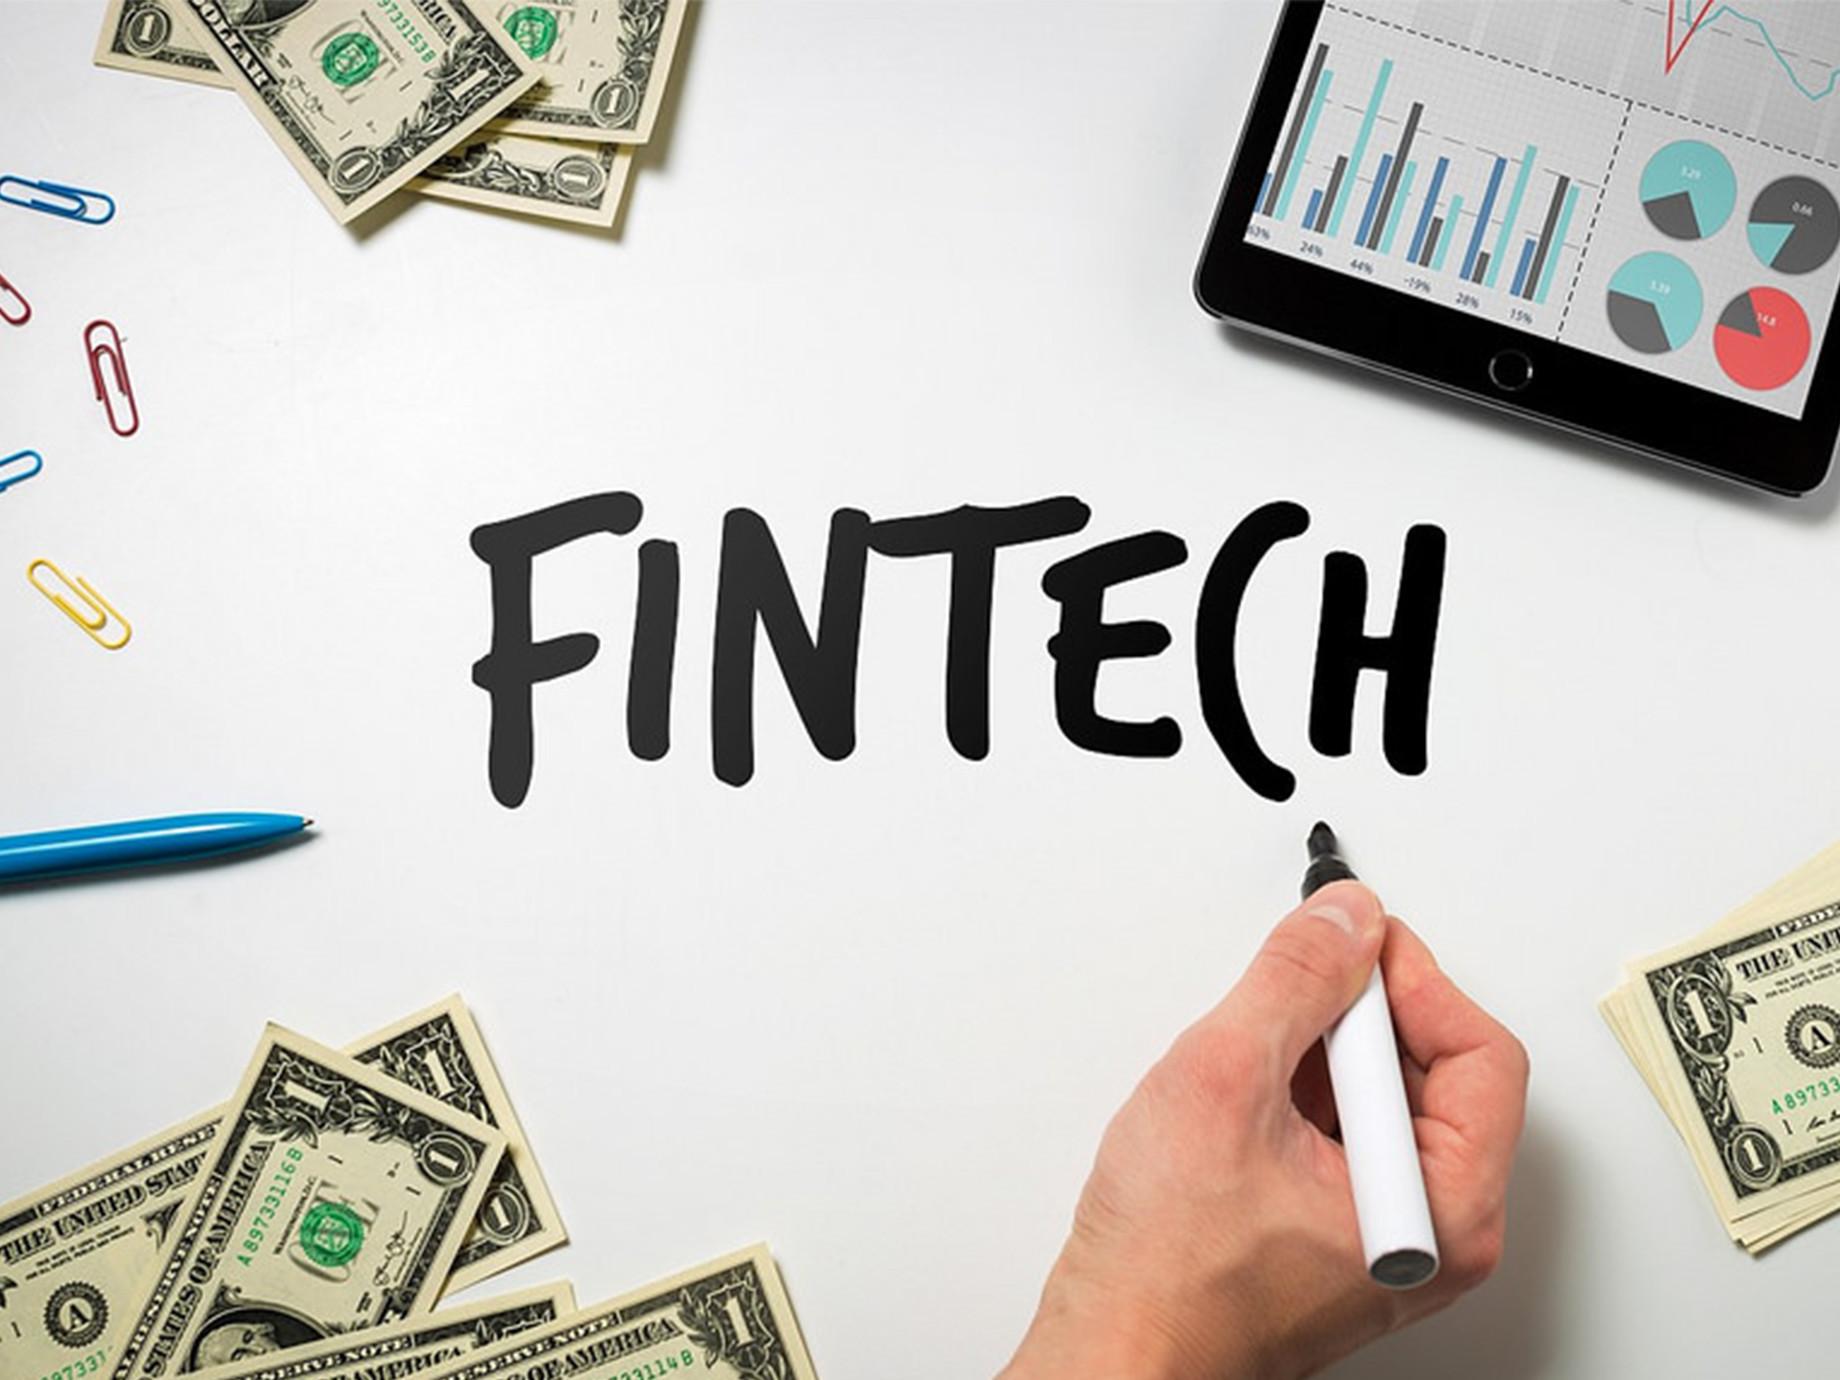 金管會:金融科技發展是必然趨勢